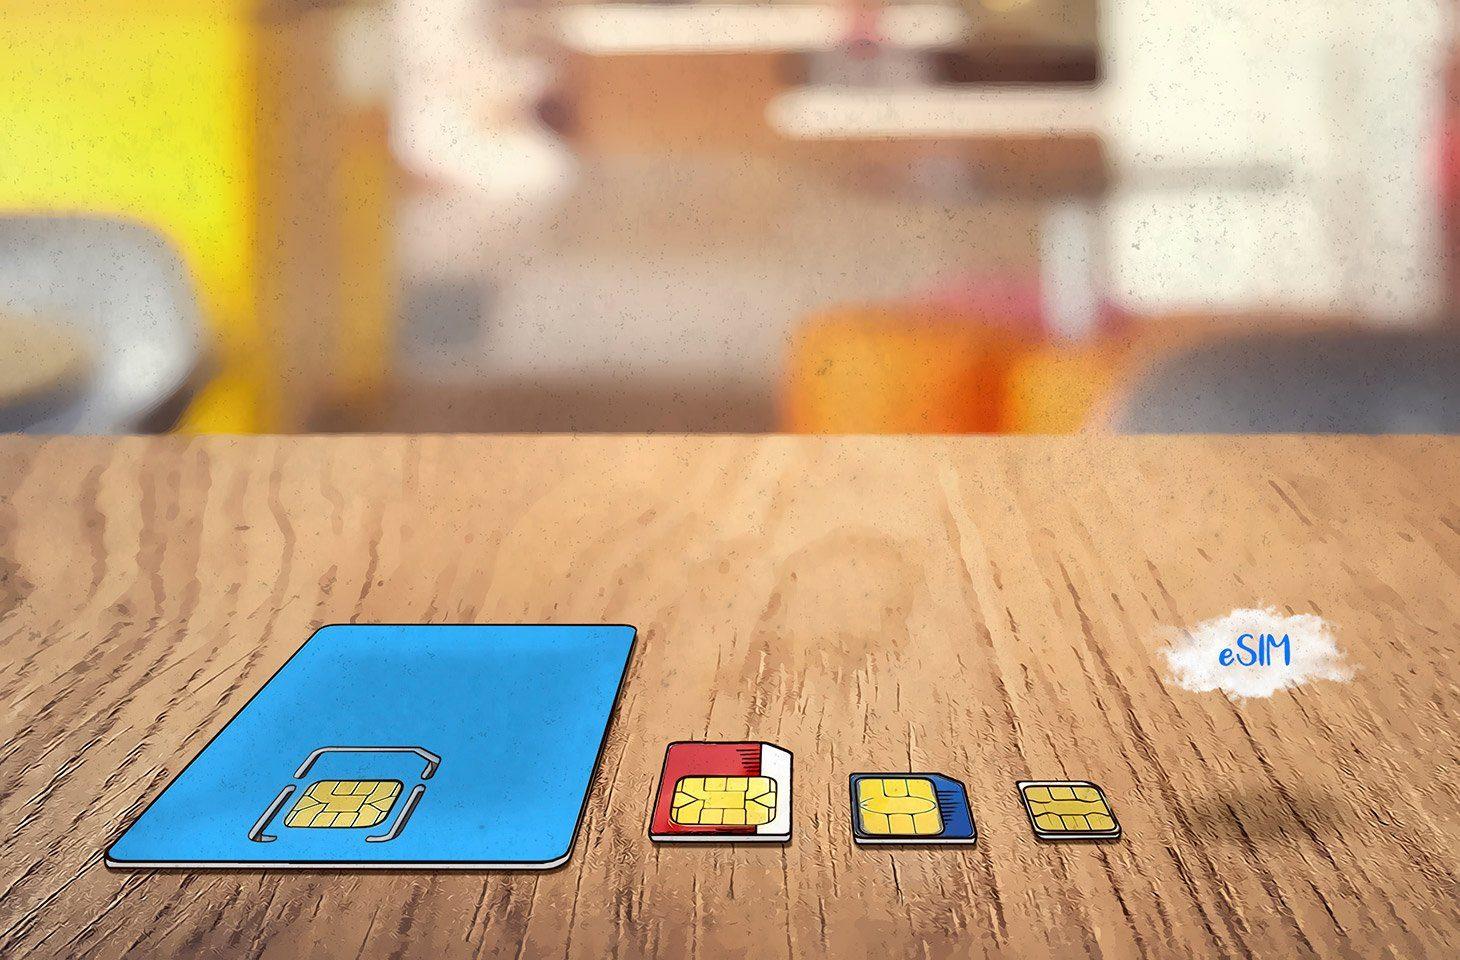 Iphone 6 Sim Karte Wechseln.Virtuelle Karten Mite Sim Technologie In Neuen Iphones